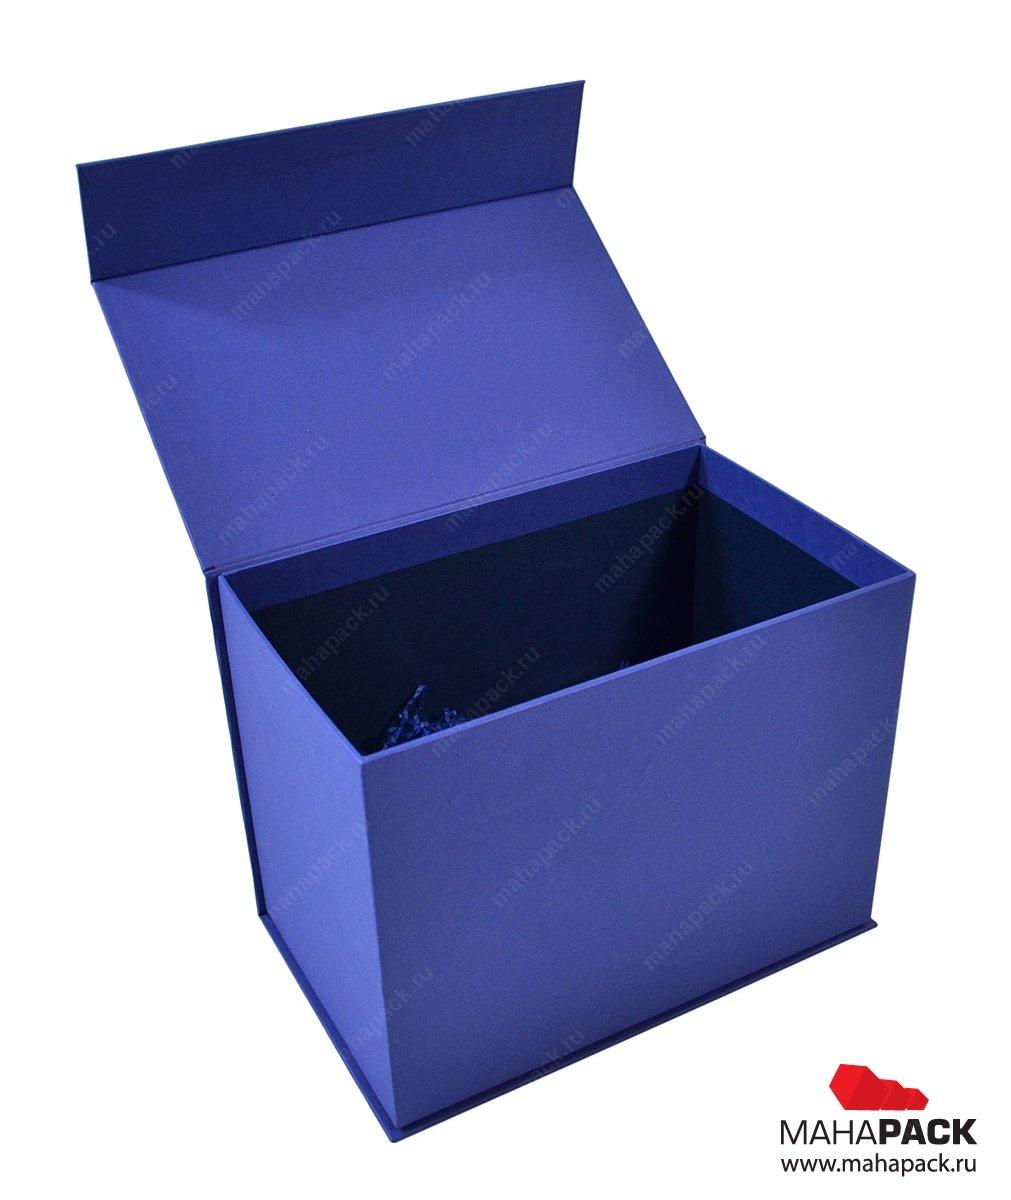 Качественная упаковка для сувенира